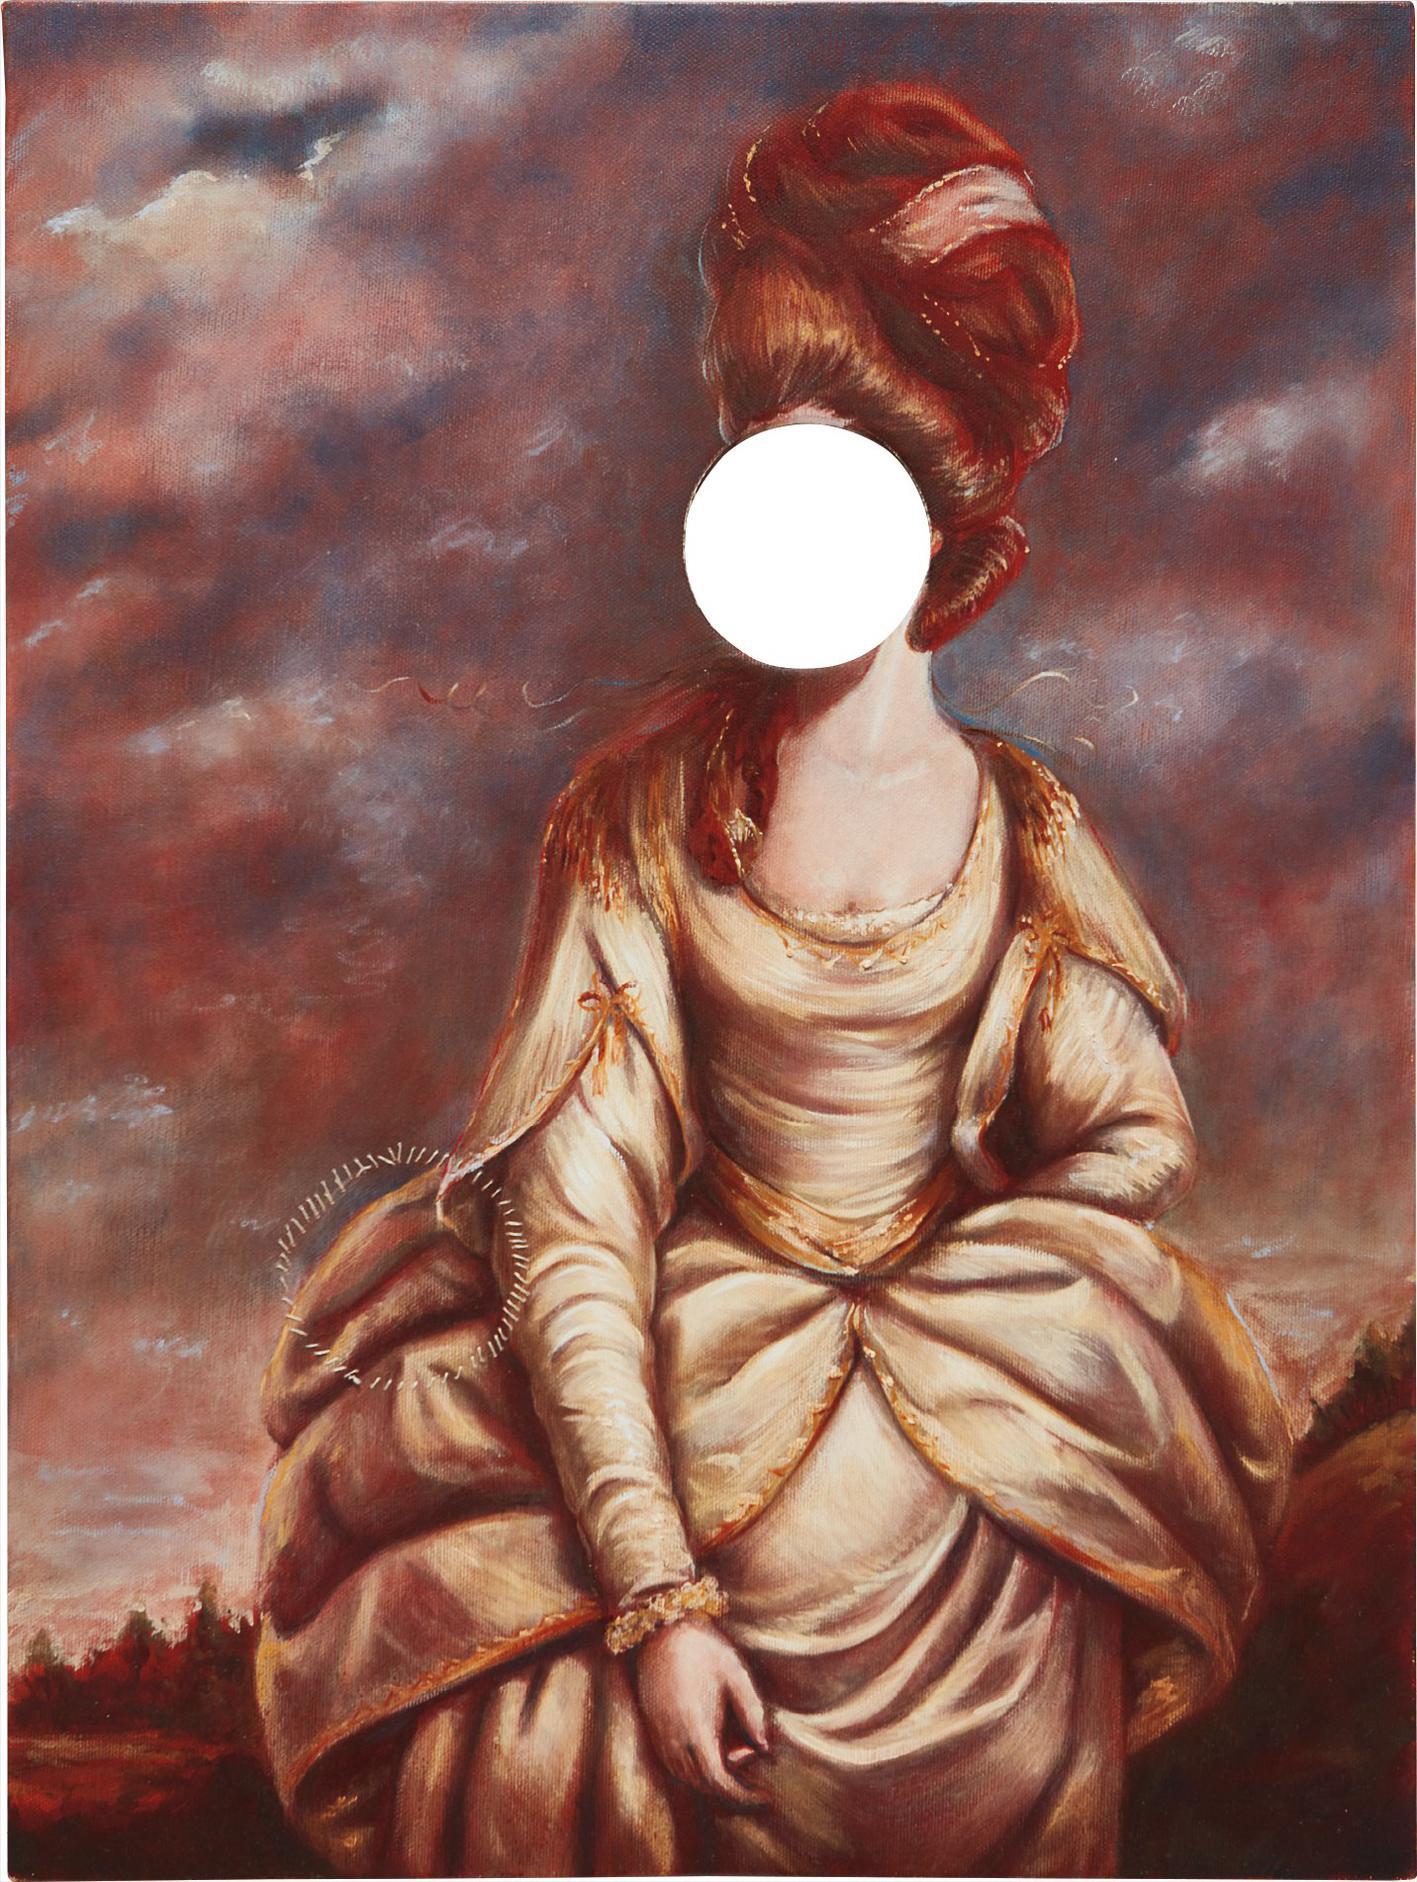 Titus Kaphar-Nah! Momma, She Aint White, She Just Real Light Skinnedded-2006